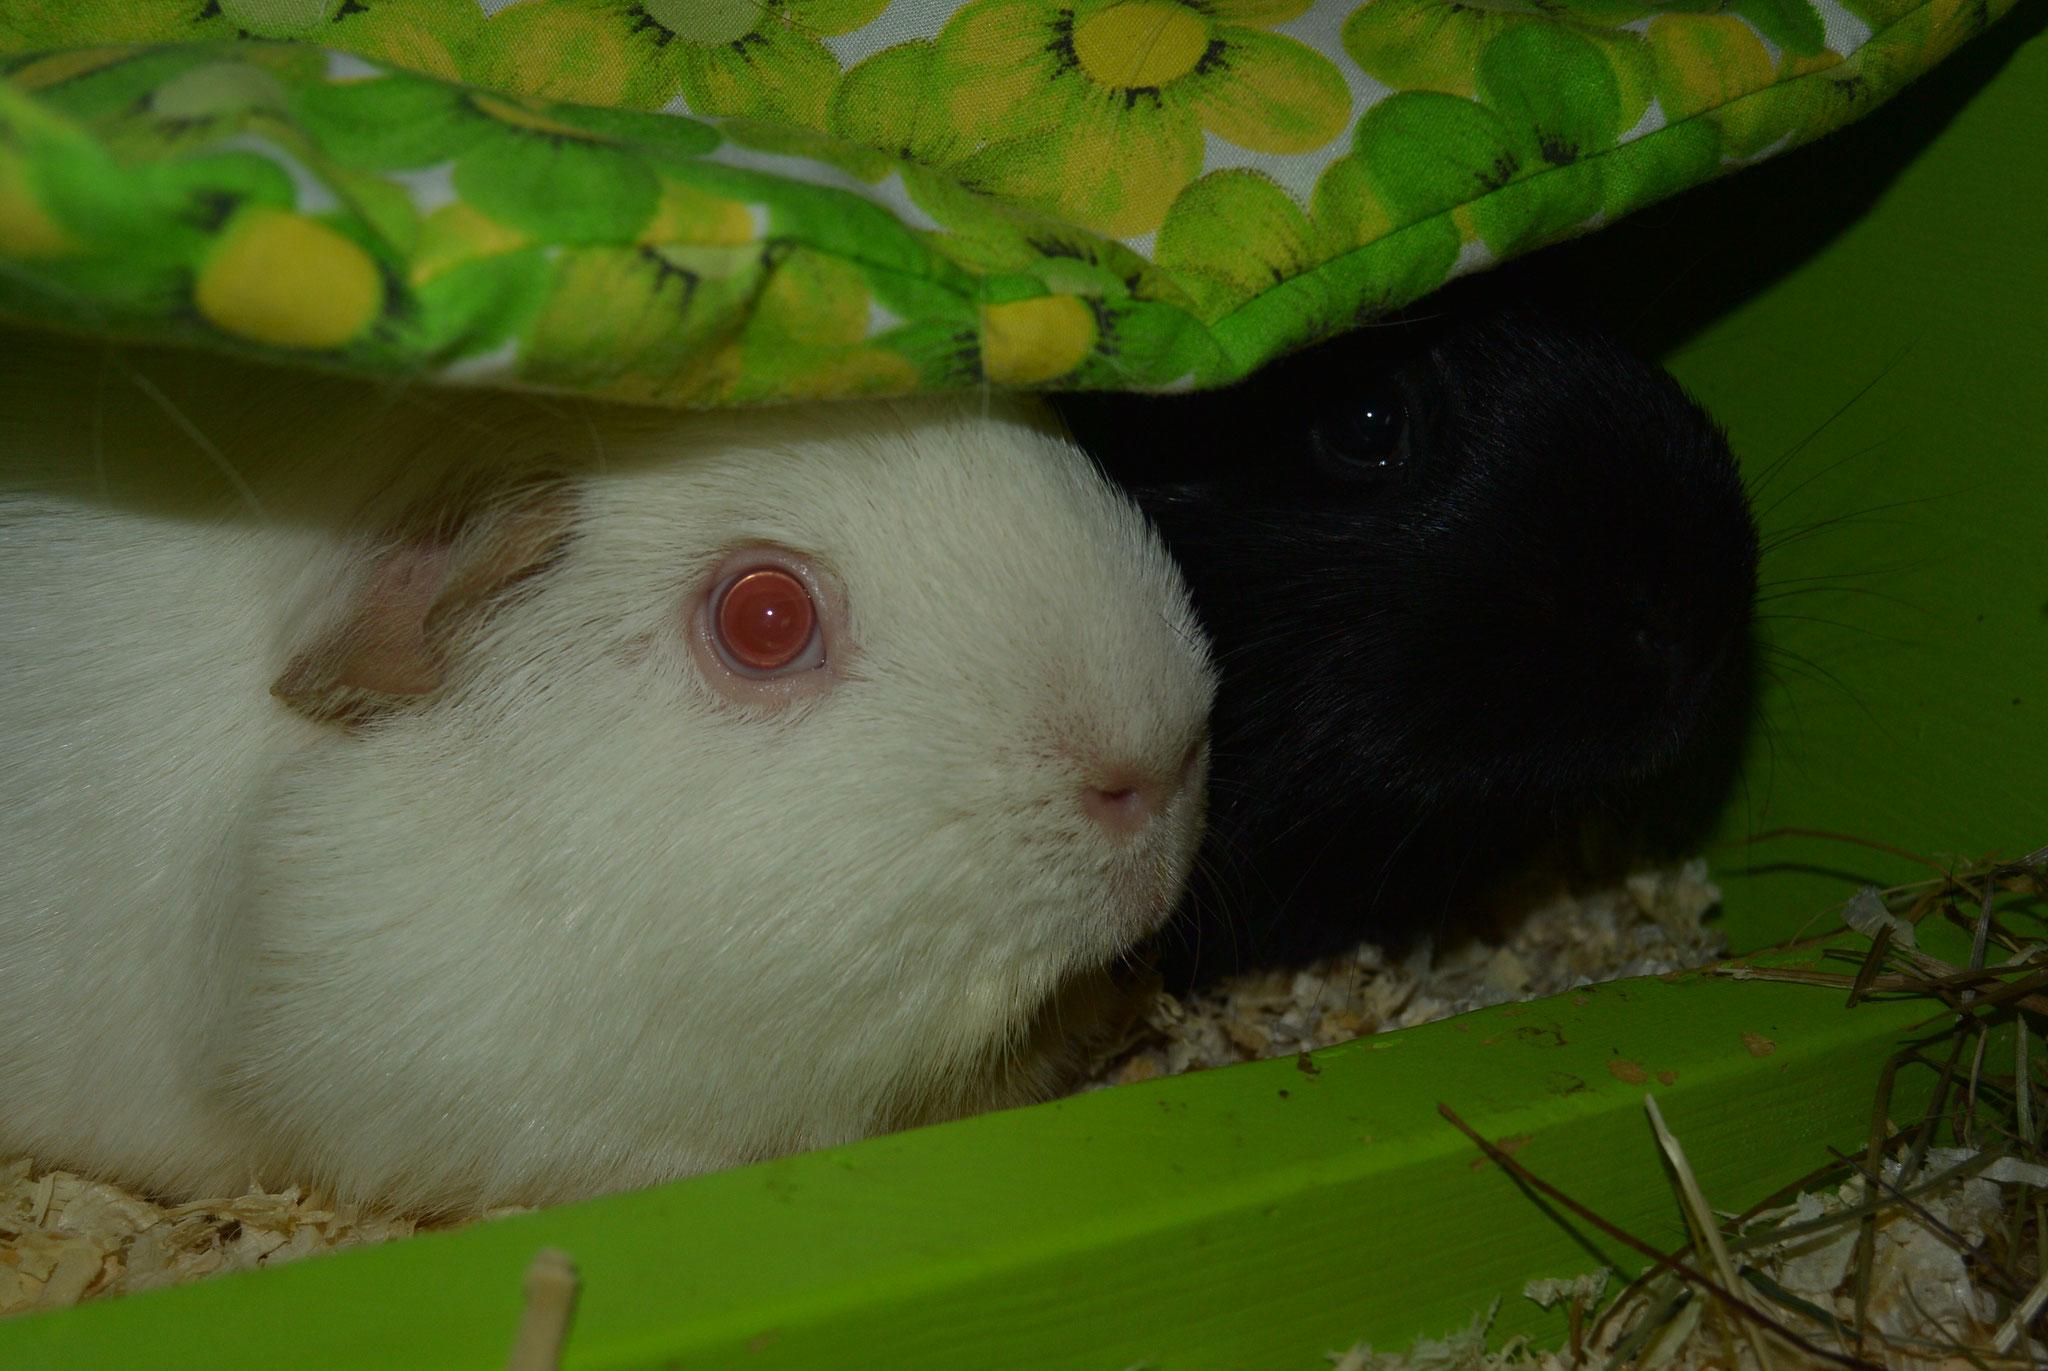 Albus & Nigra